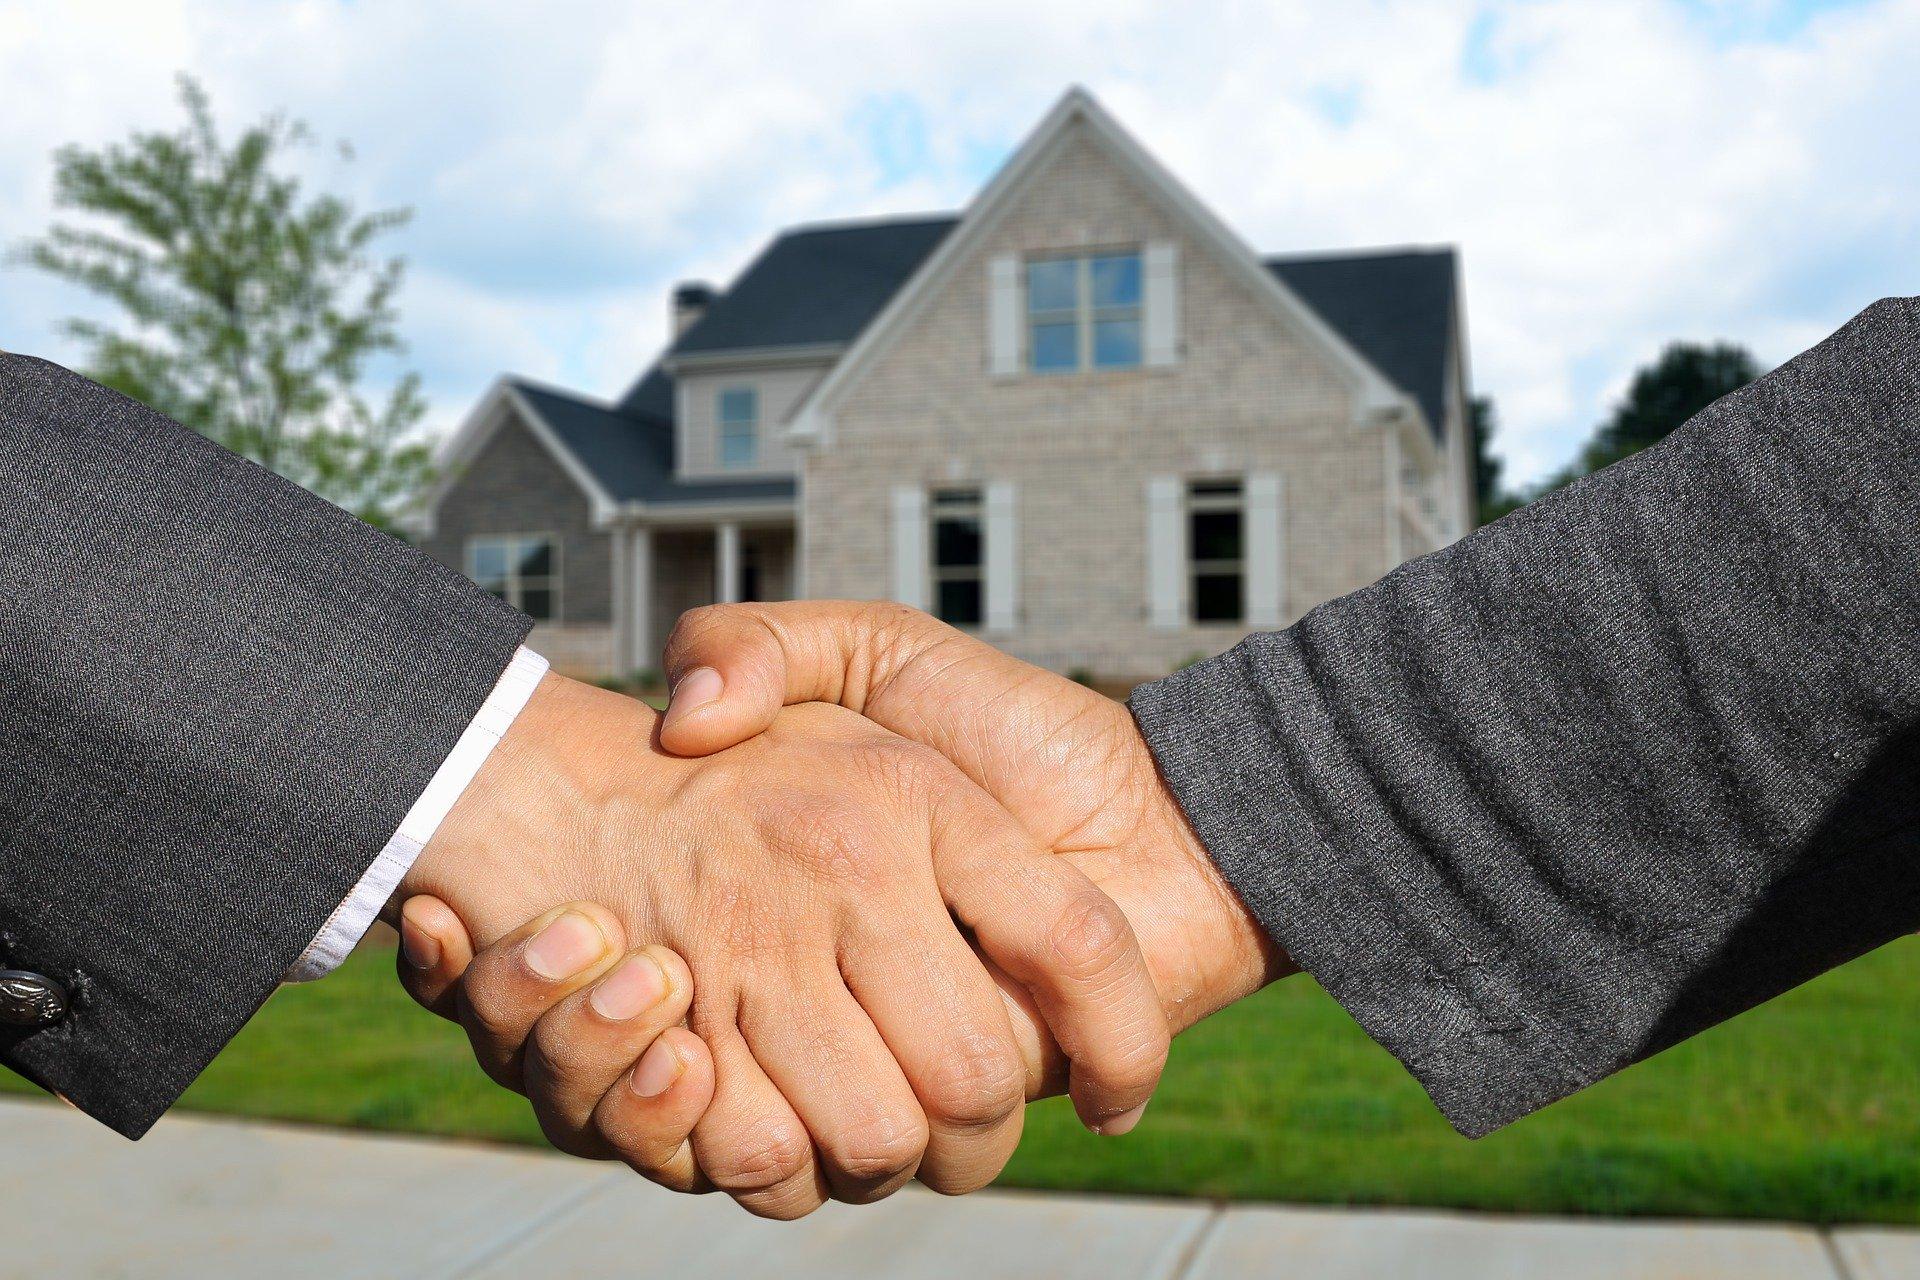 vende tu casa sin costes de inmobiliarias